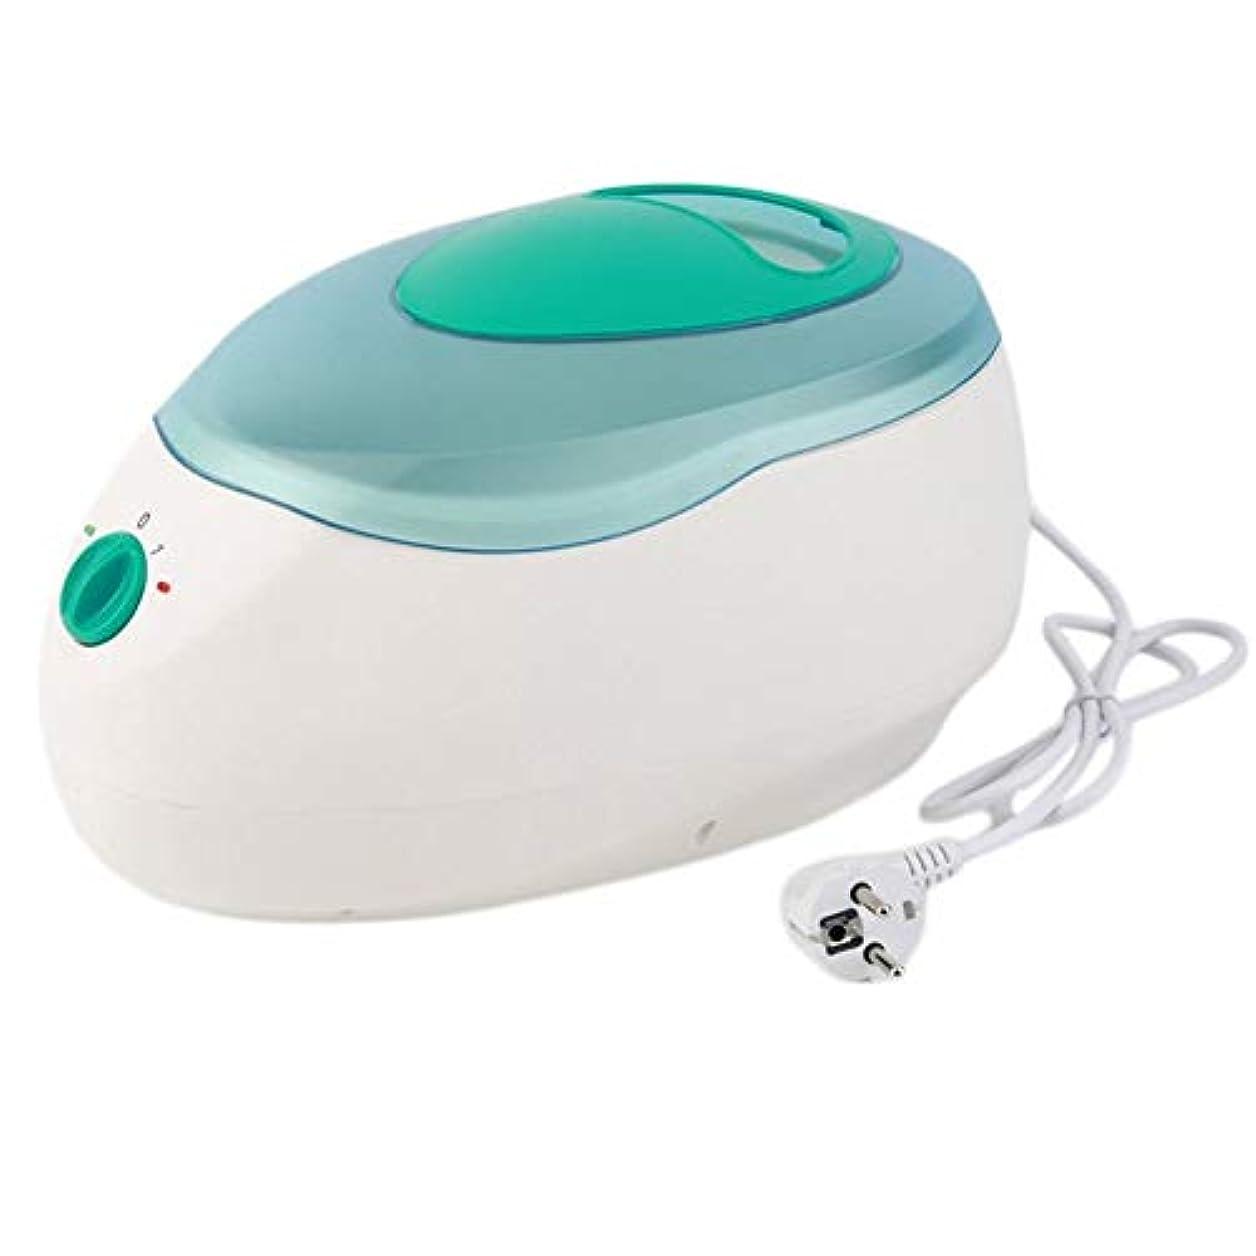 しなければならない乳製品リゾート手および足ボディワックスの毛の取り外しのためのワックス機械パラフィン療法の浴のワックスの鍋のウォーマーの美容院装置の鉱泉150W,グリーン